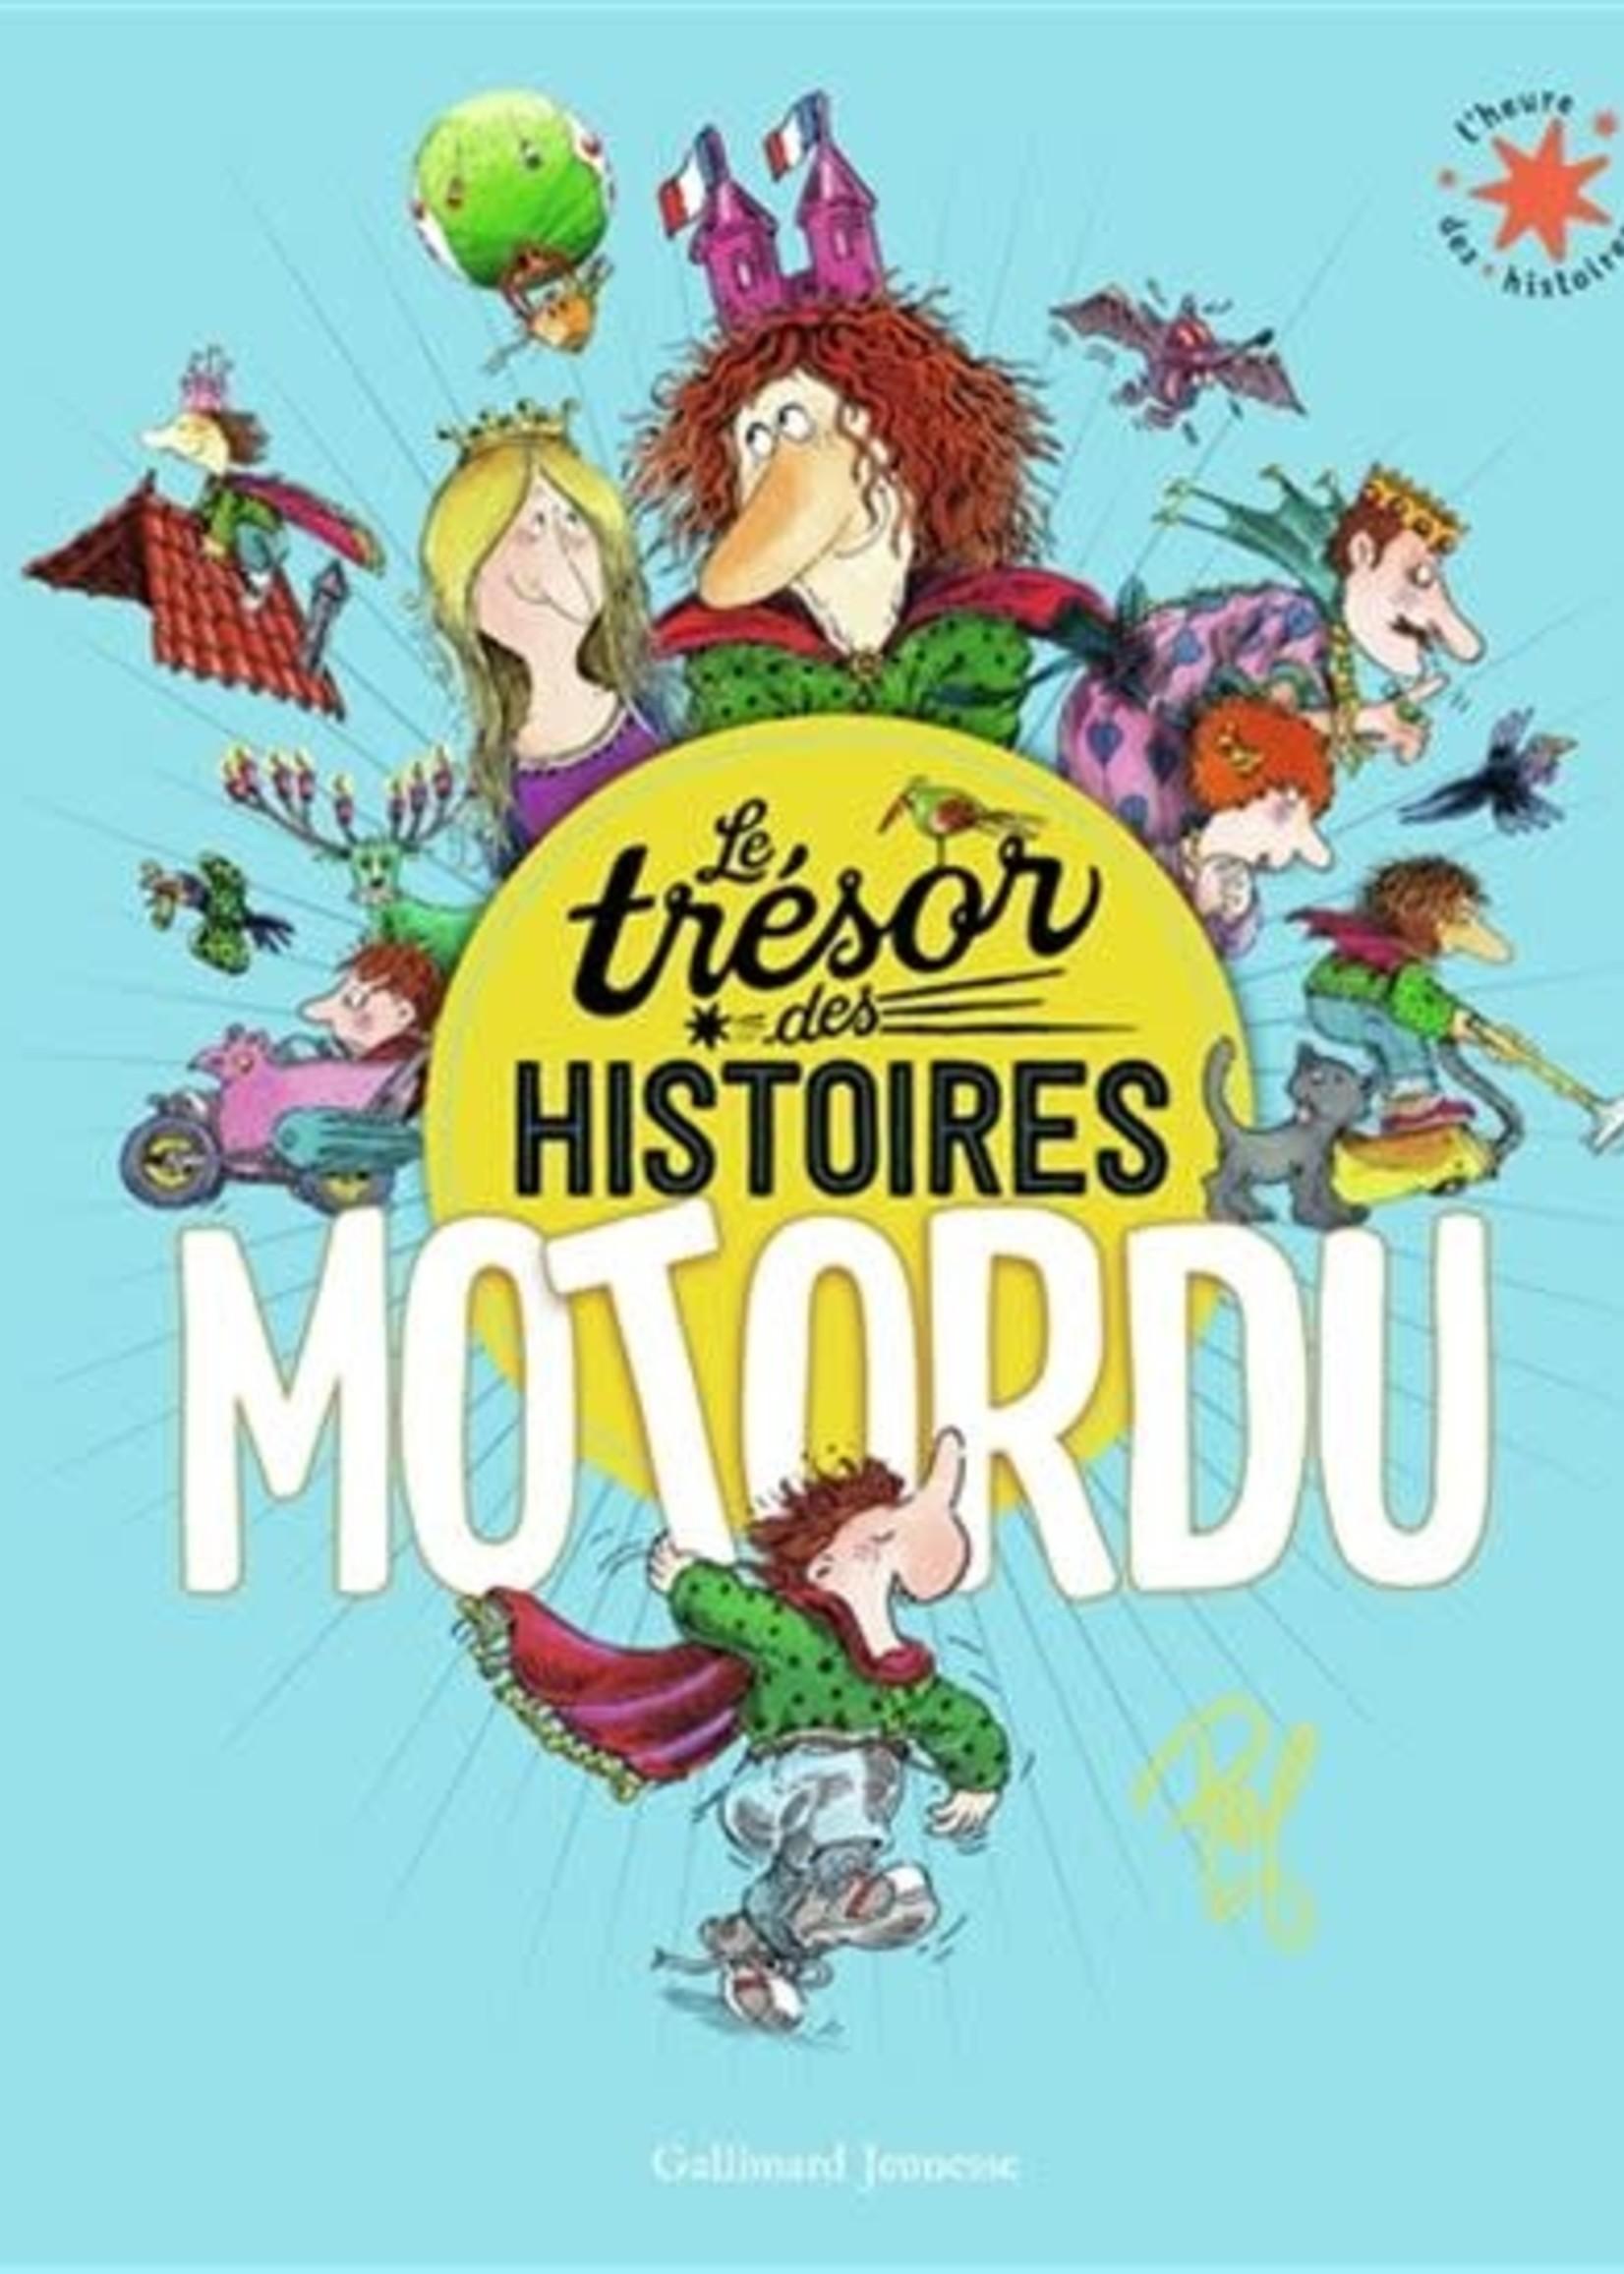 Le trésor des histoires Mortordu by Pef